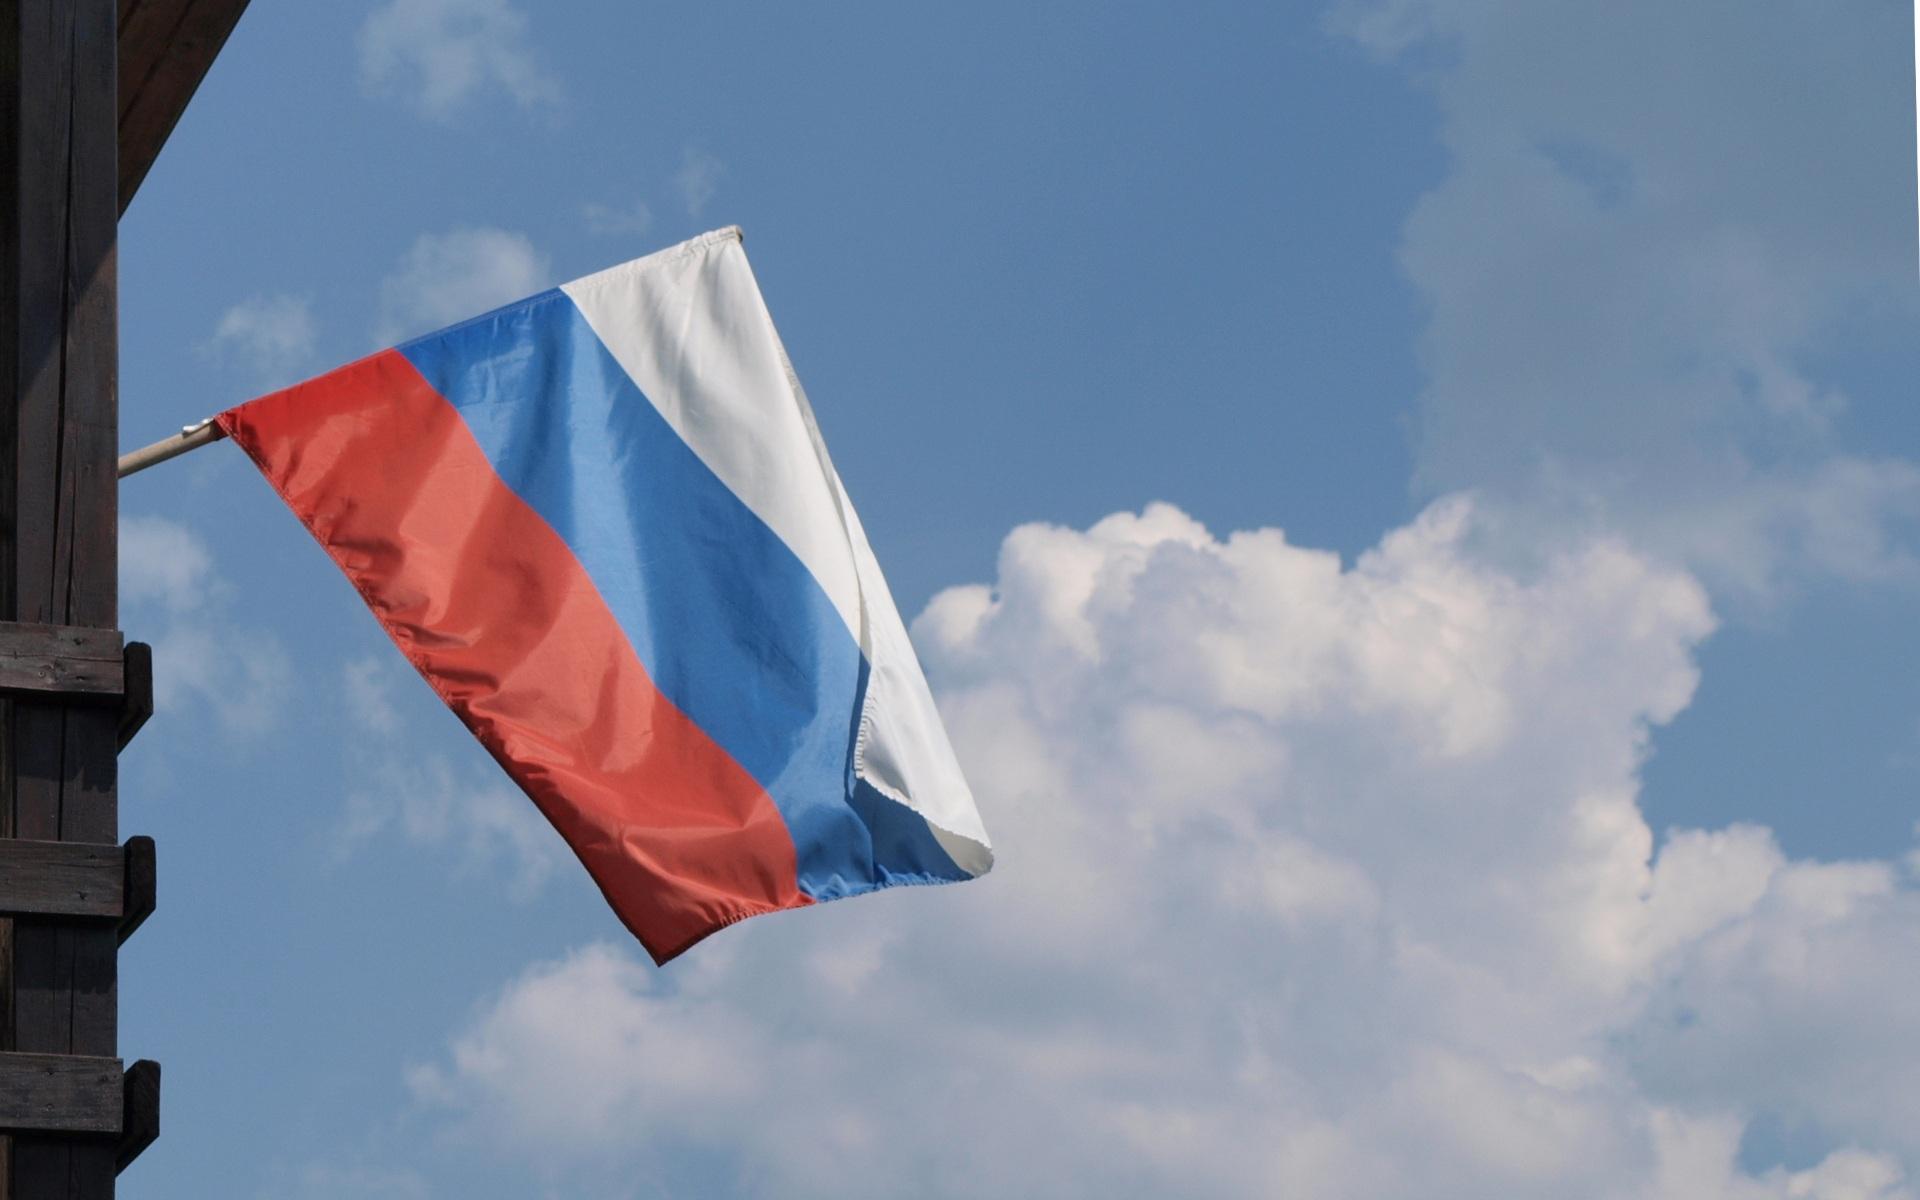 En Rusia, la firma Kaspersky Lab desarrolló un sistema de votación electrónica respaldado por tecnología blockchain que puede ser adoptado en elecciones estatales